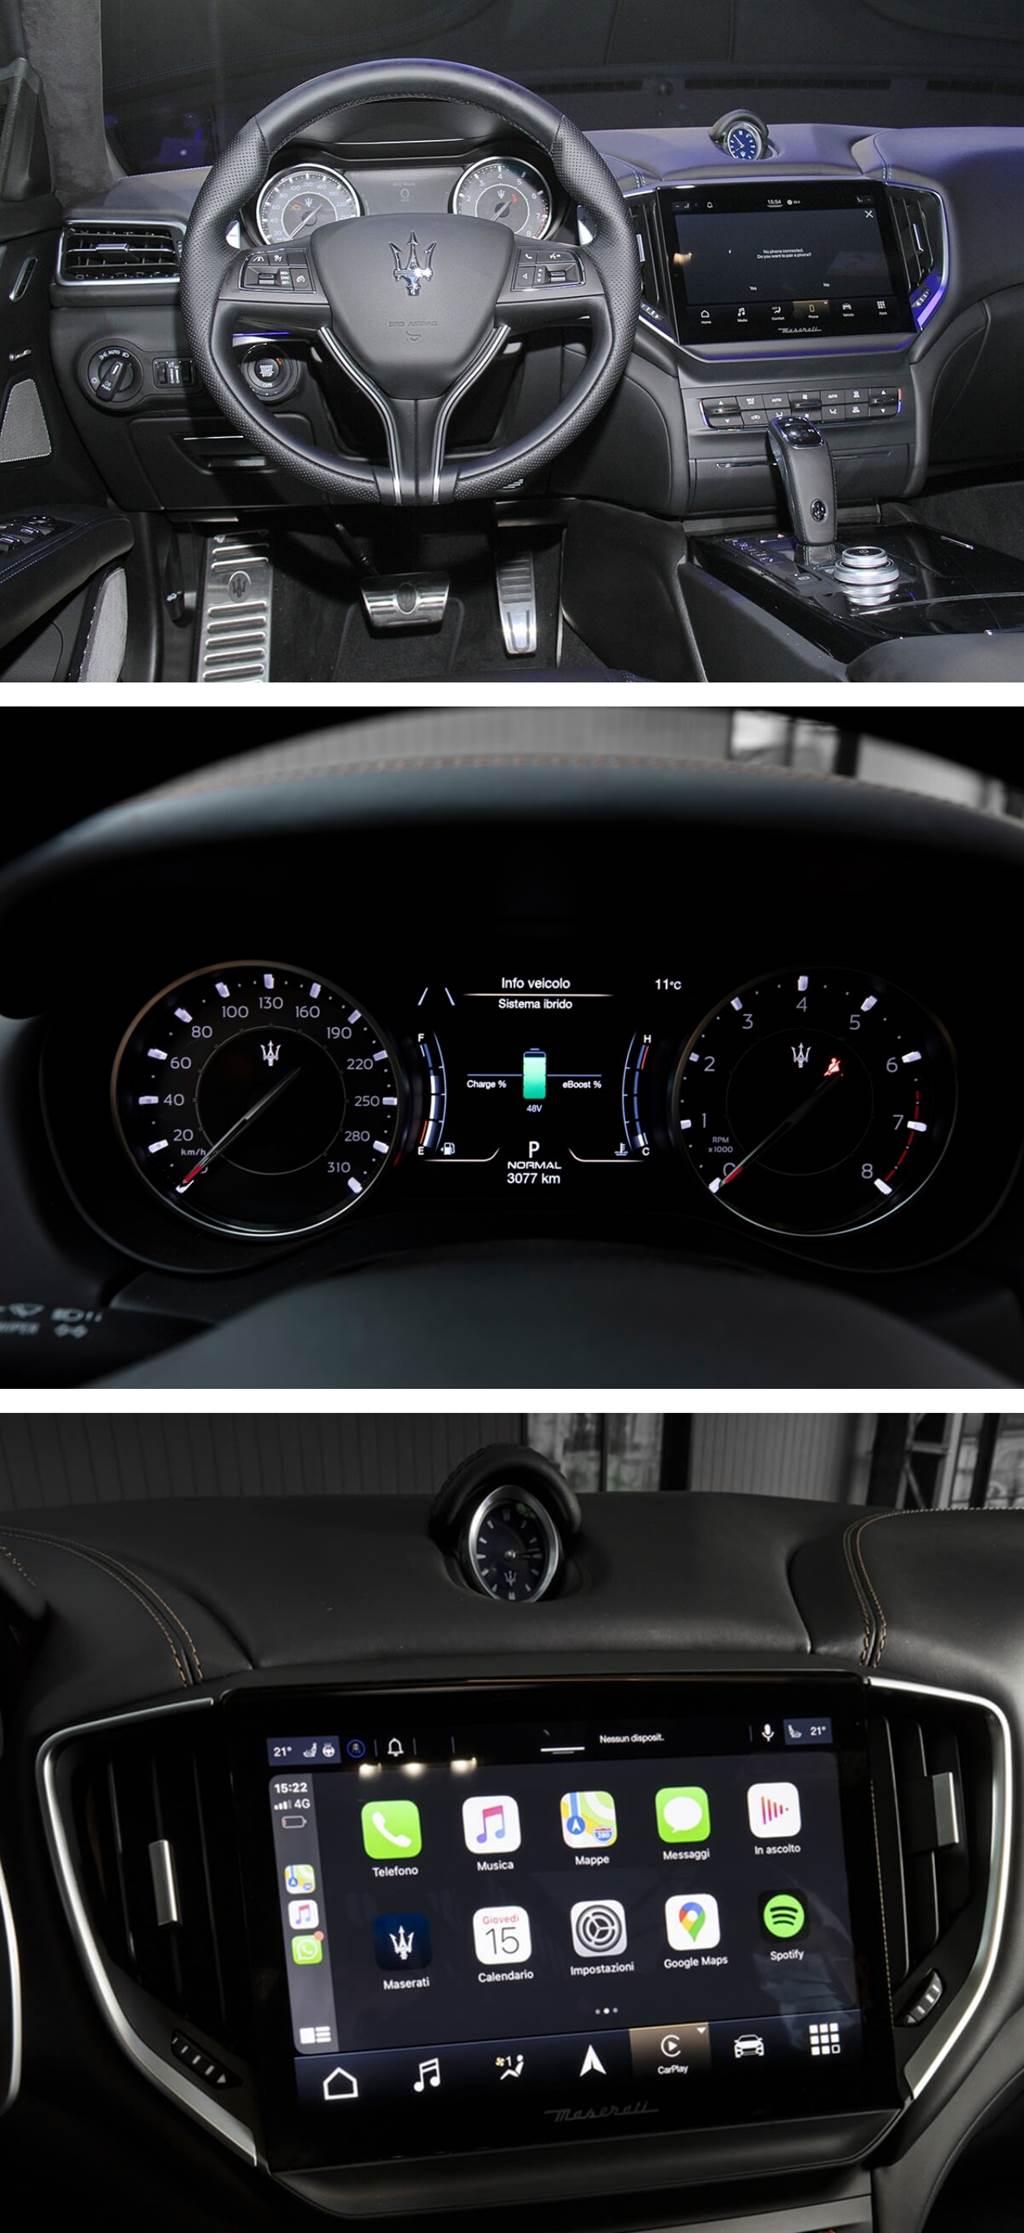 新世代的MIA多媒體系統(Maserati Intelligent Assistant)不僅擁有嶄新的中文介面設計,HD觸控螢幕的尺寸也從原本的8.4吋升級至10.1吋、比例也由傳統的4:3轉化成更符合當代美學的16:10,展現出近乎無邊框設計的中央控制系統,為Maserati新世代車款帶來更現代的科技配備。其基於Android Auto等軟體提供了創新的用戶體驗,完全可定制的駕駛者的個人喜好來進行數位輸入。